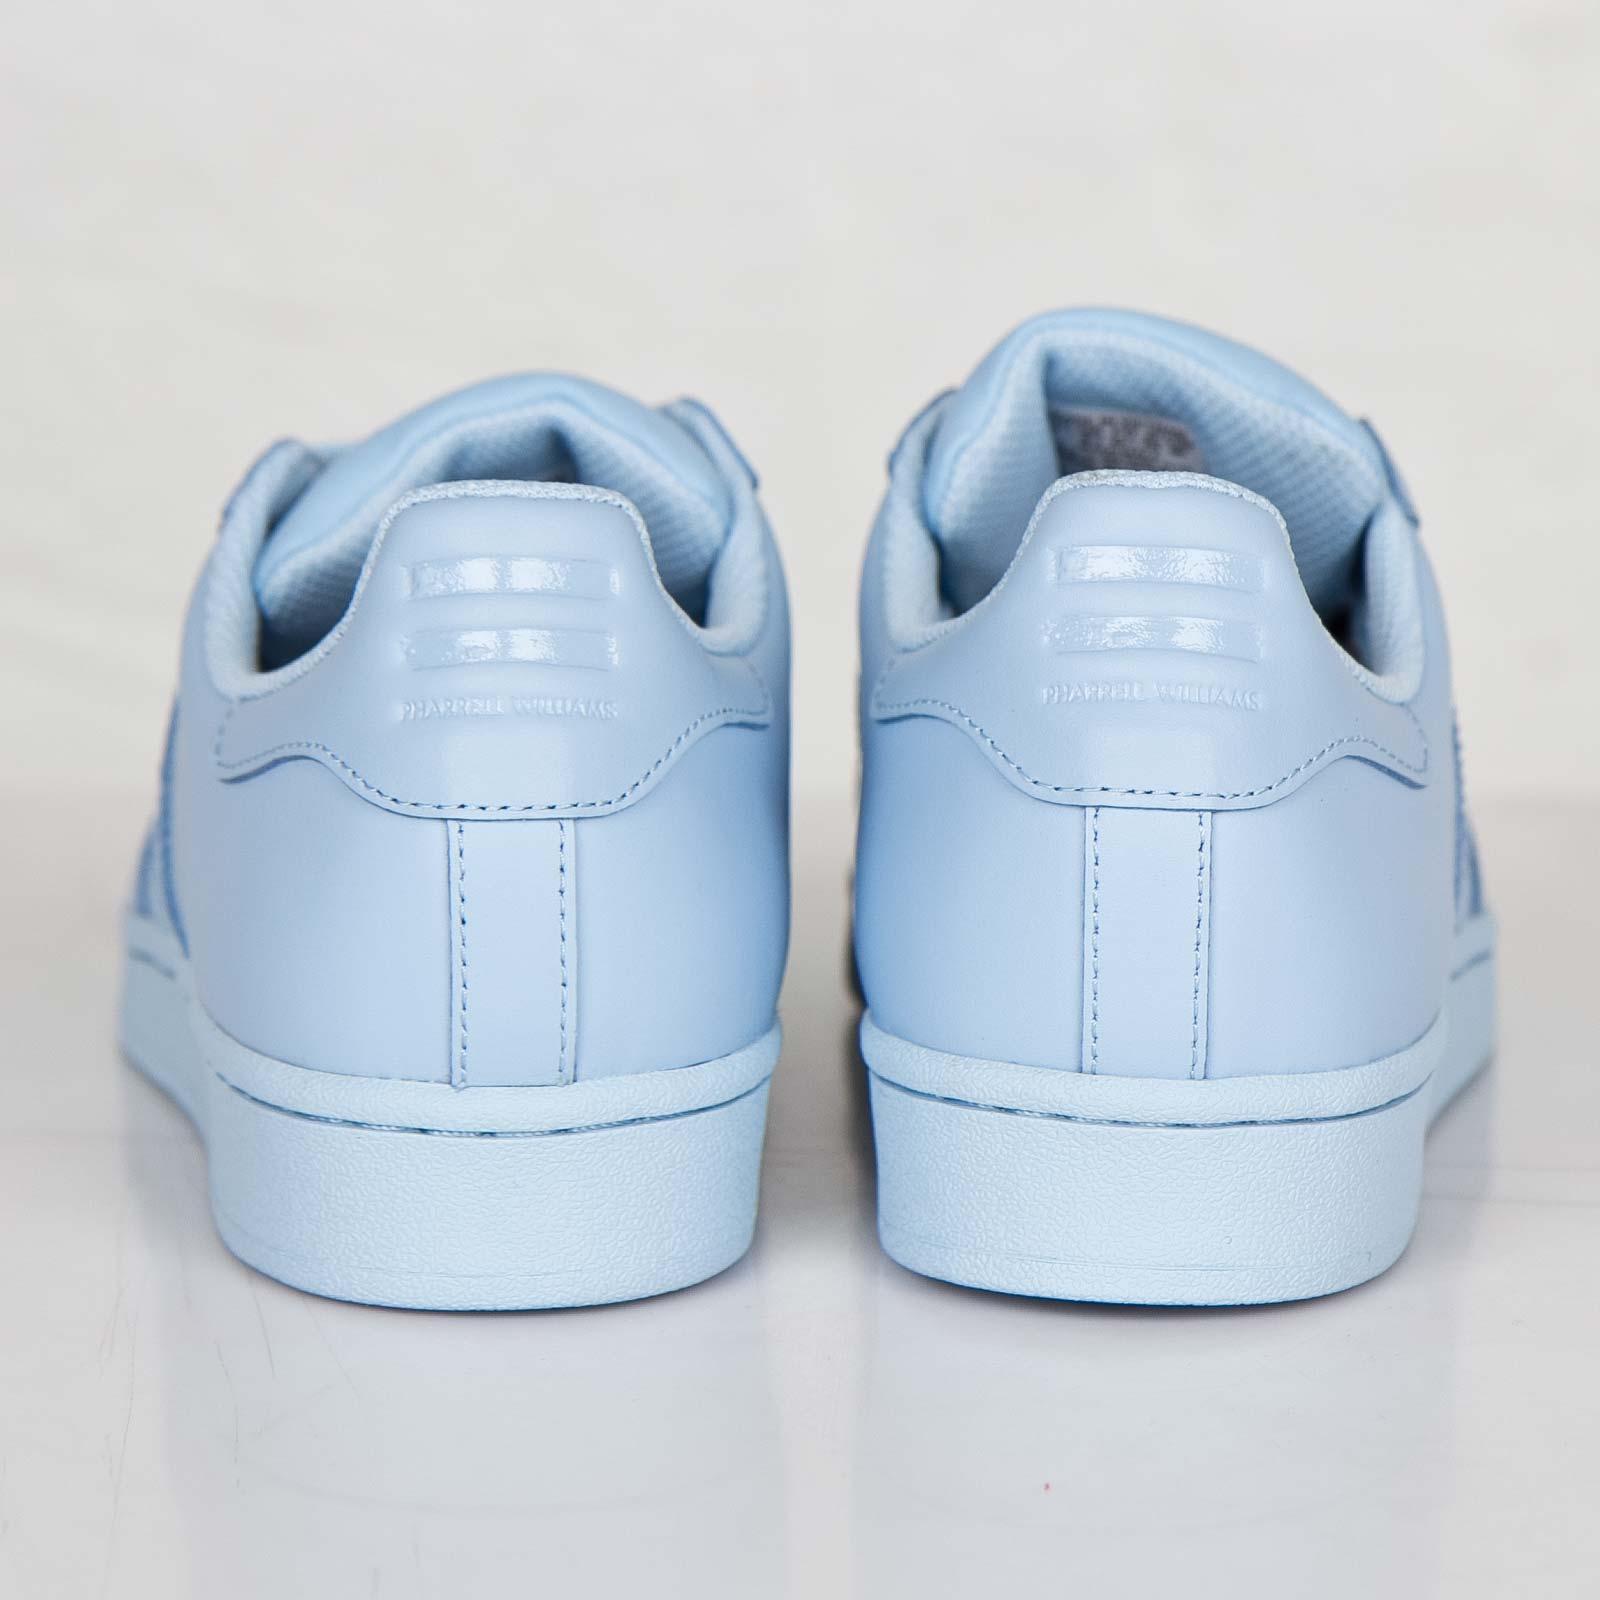 wholesale dealer c60c6 d16e1 adidas Superstar Supercolor Pack - S41830 - Sneakersnstuff ...